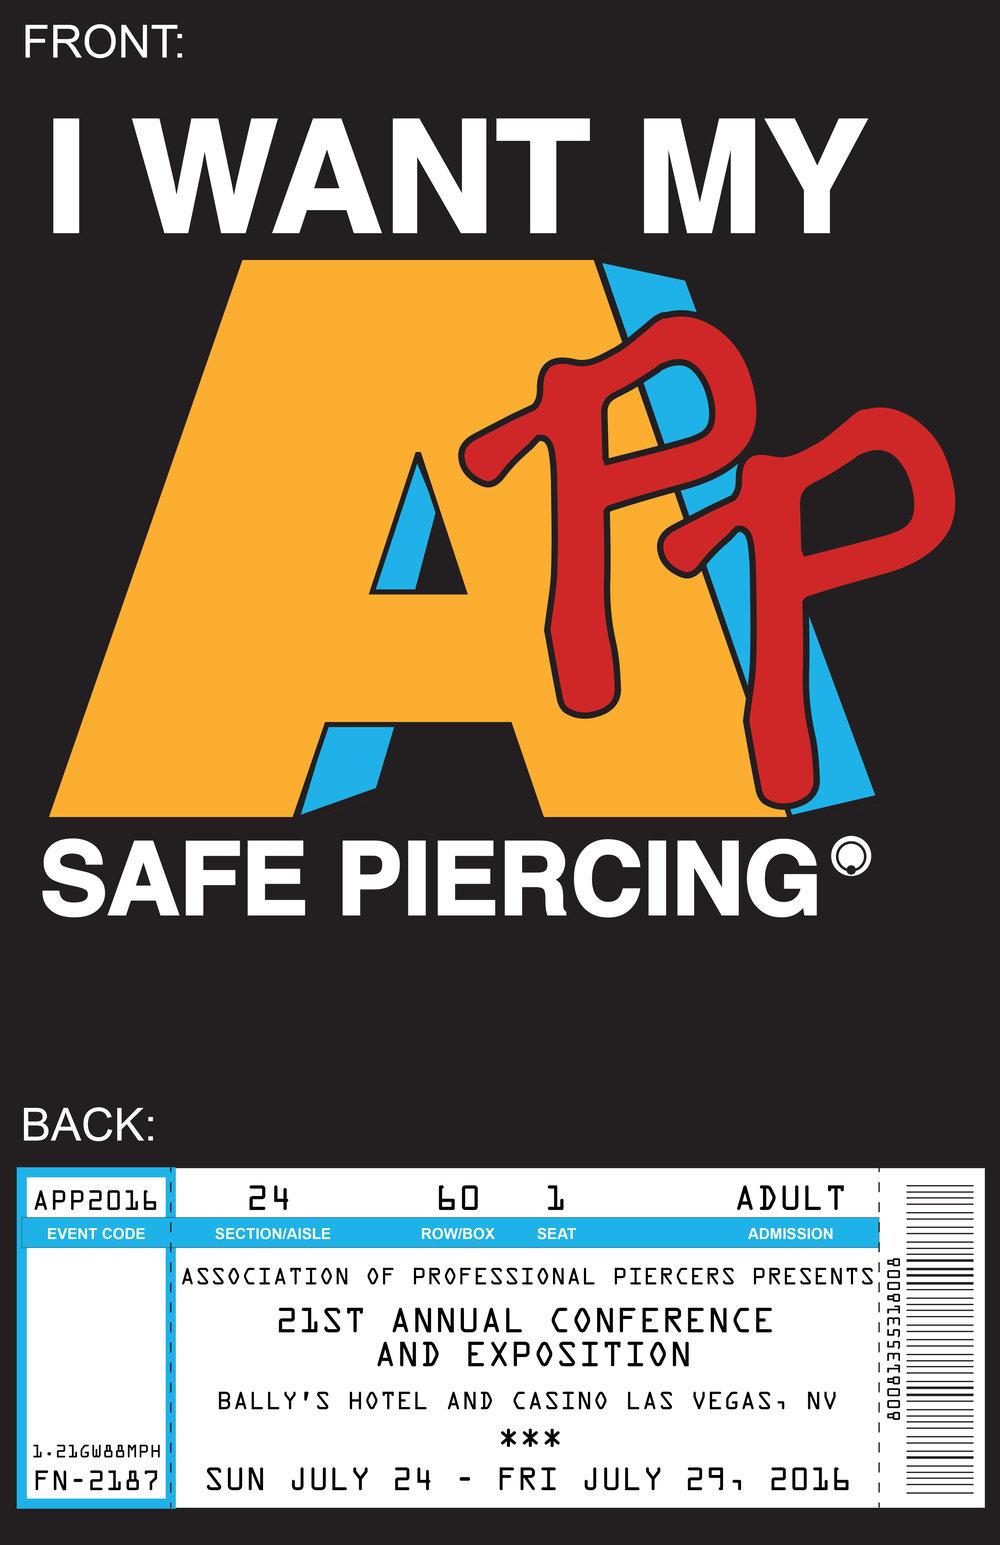 APP 2016_shirt idea_1.jpg